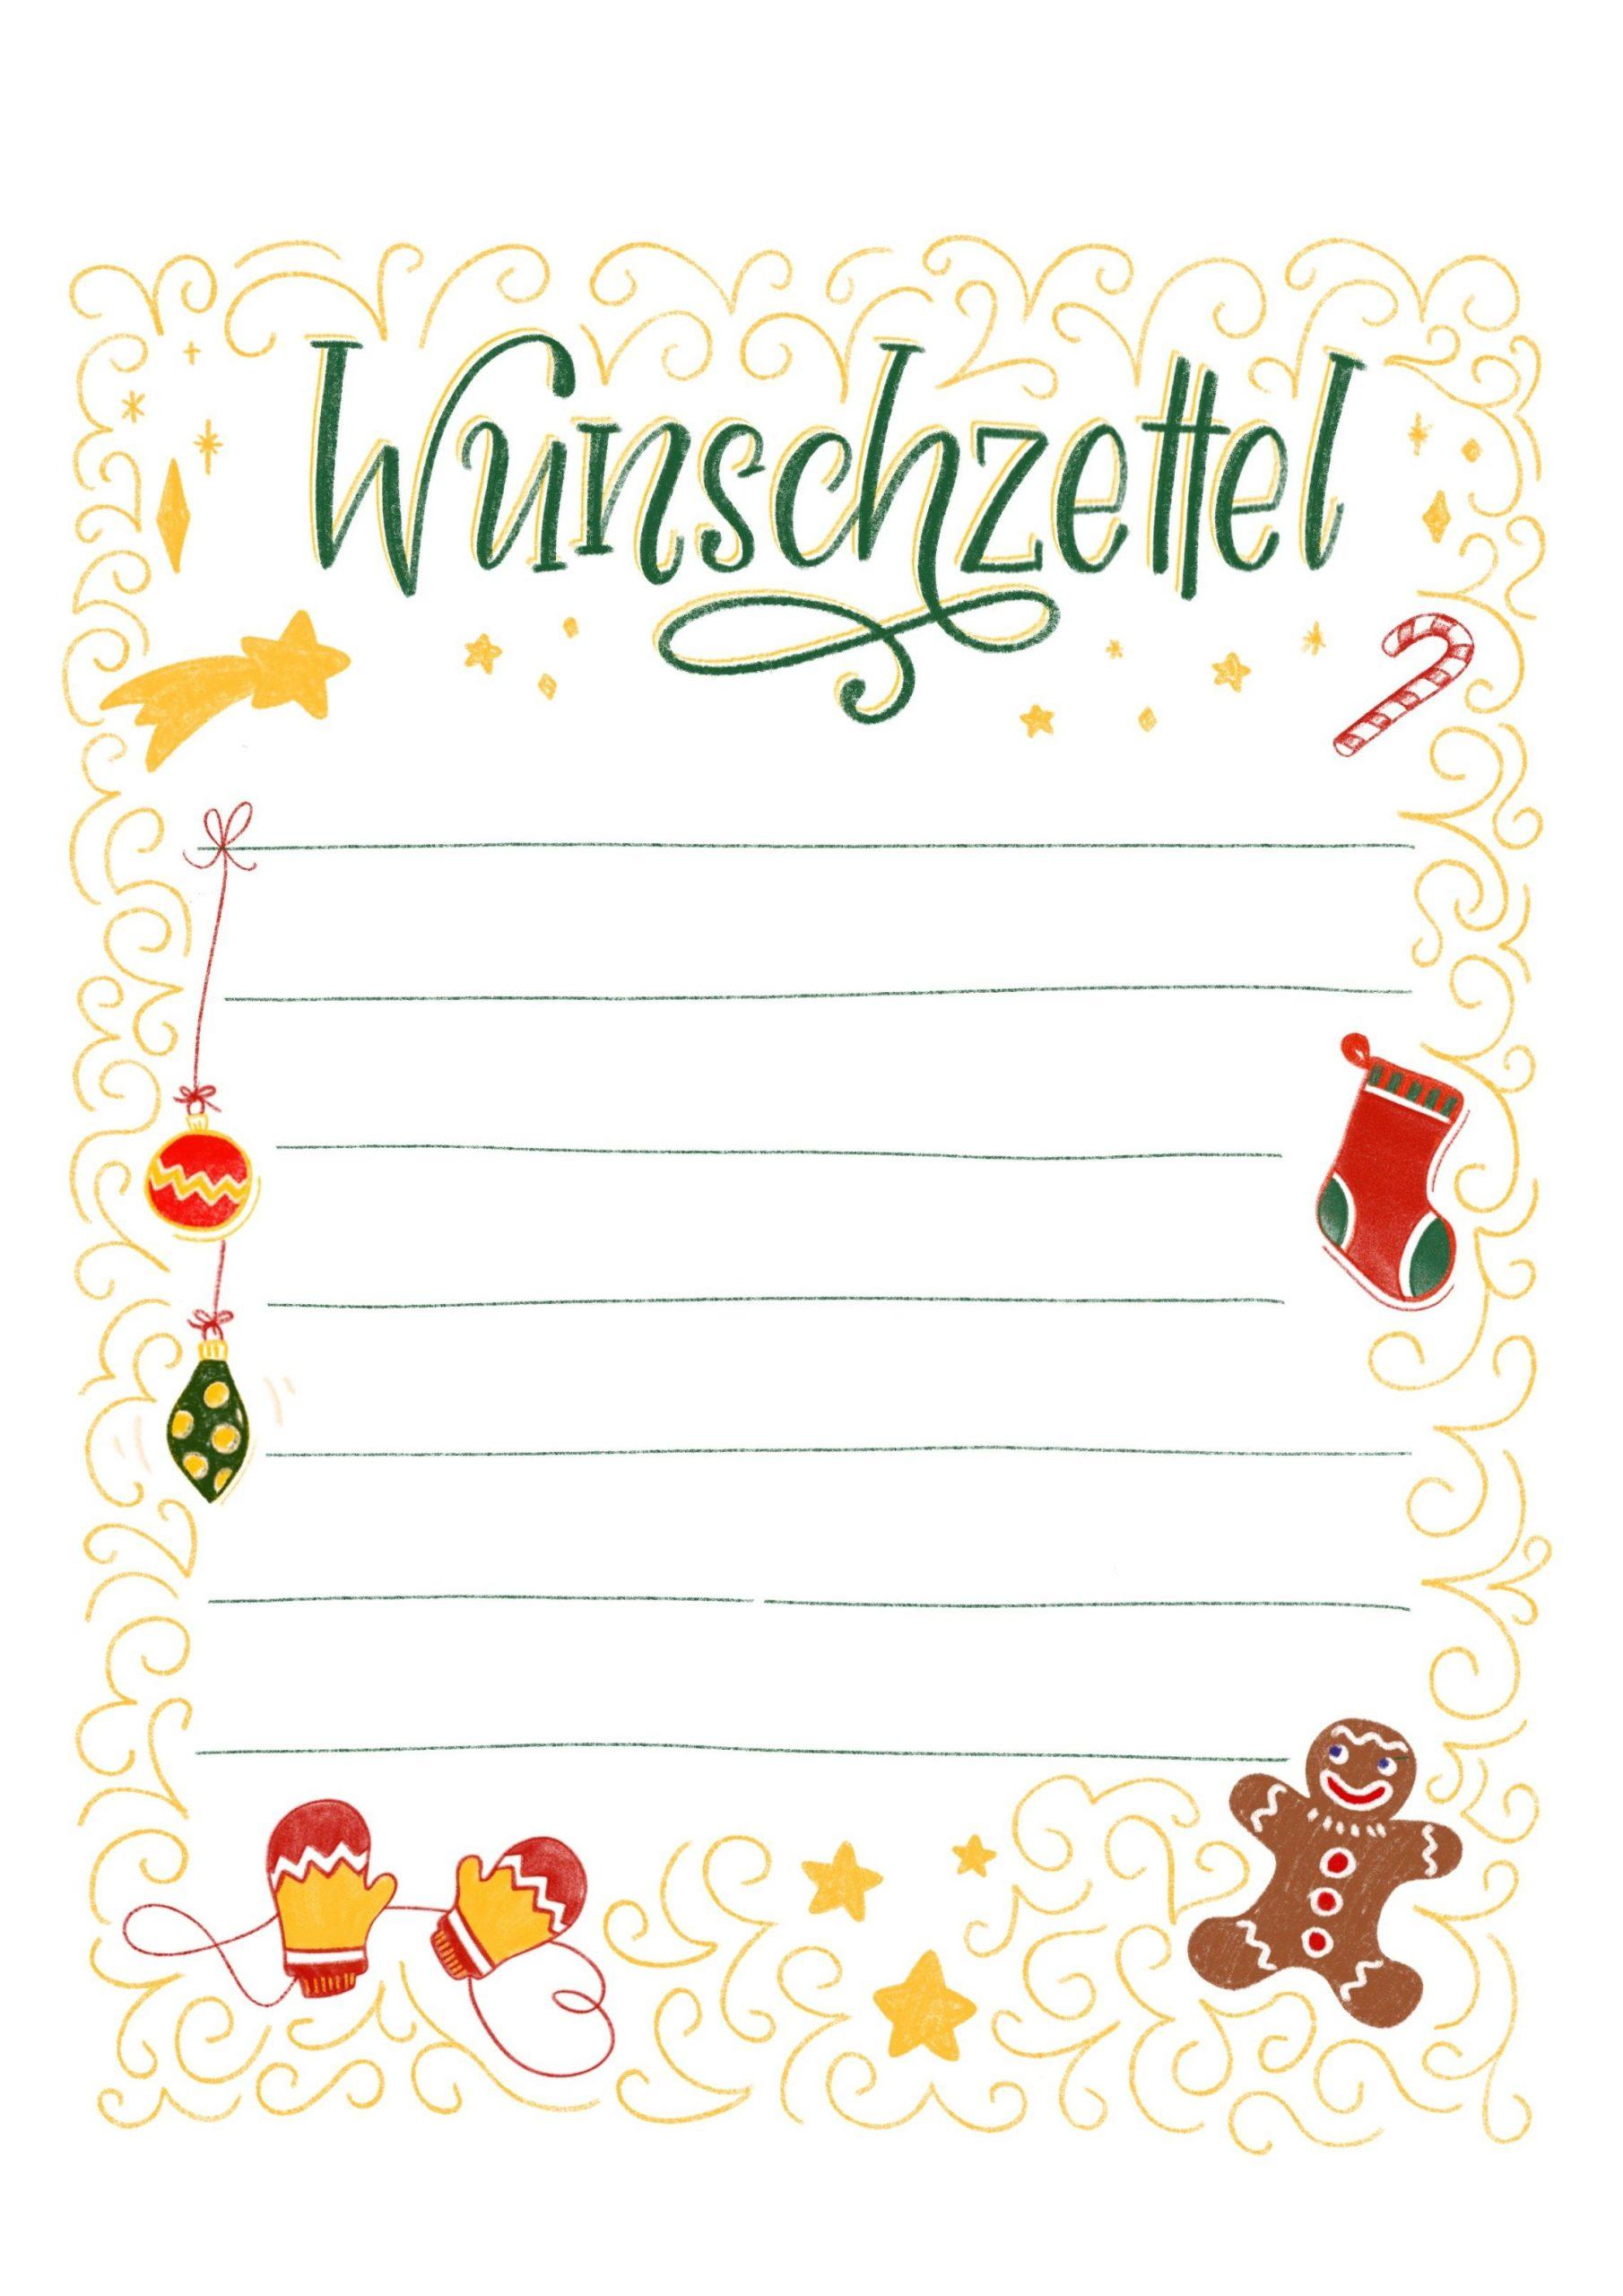 Wunschzettel - Vorlage Zum Ausdrucken | Bunte Galerie in Weihnachtskarten Zum Ausdrucken